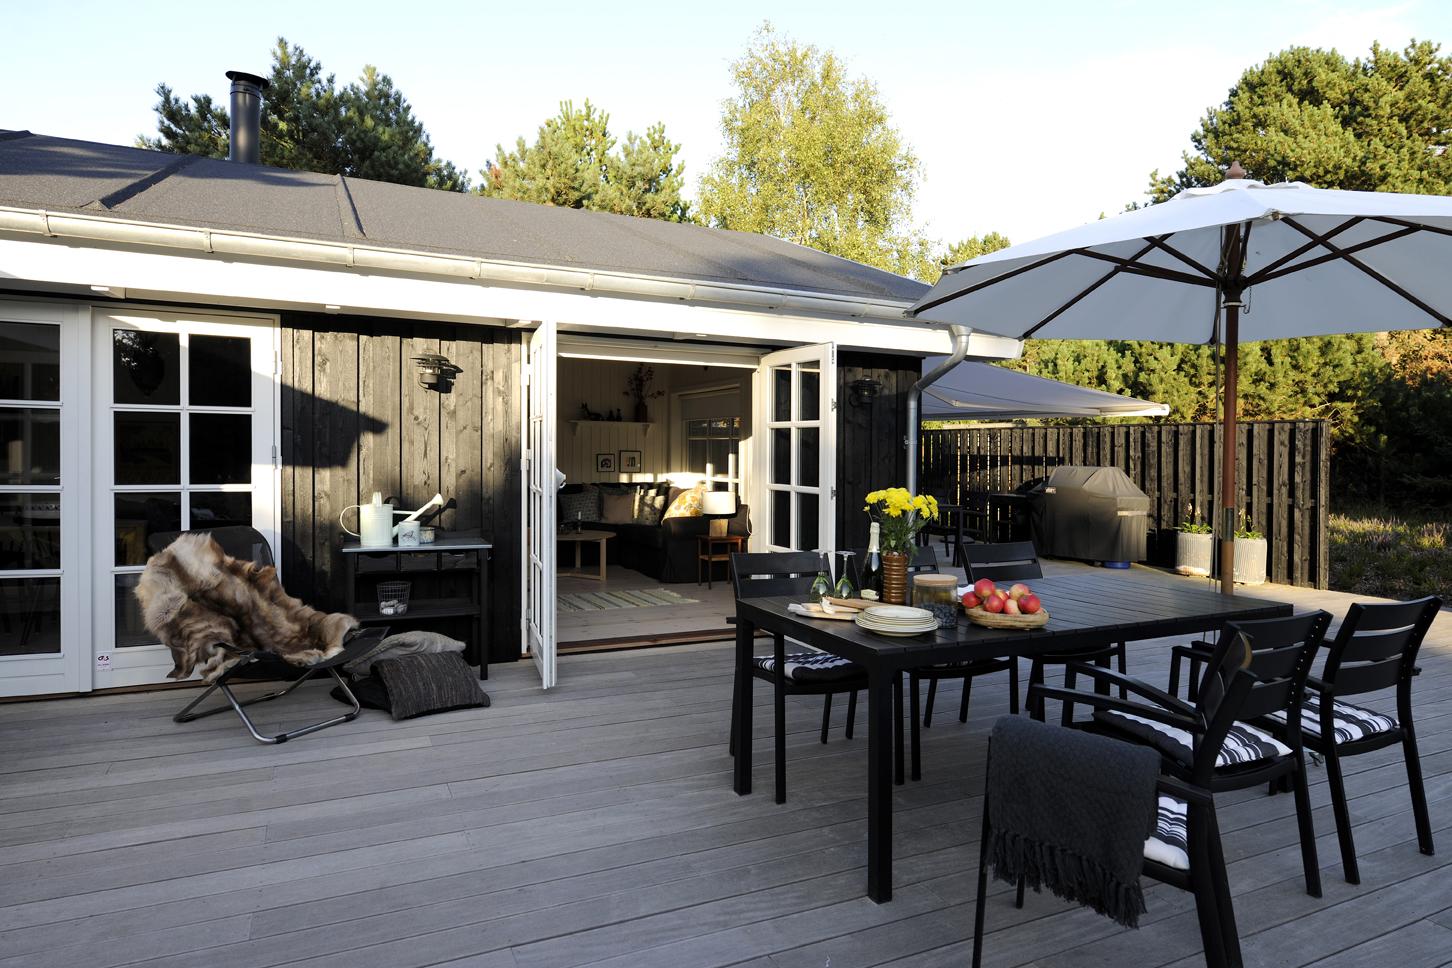 Luminoso interior de una casa de verano danesa blog - Casas de estilo nordico ...